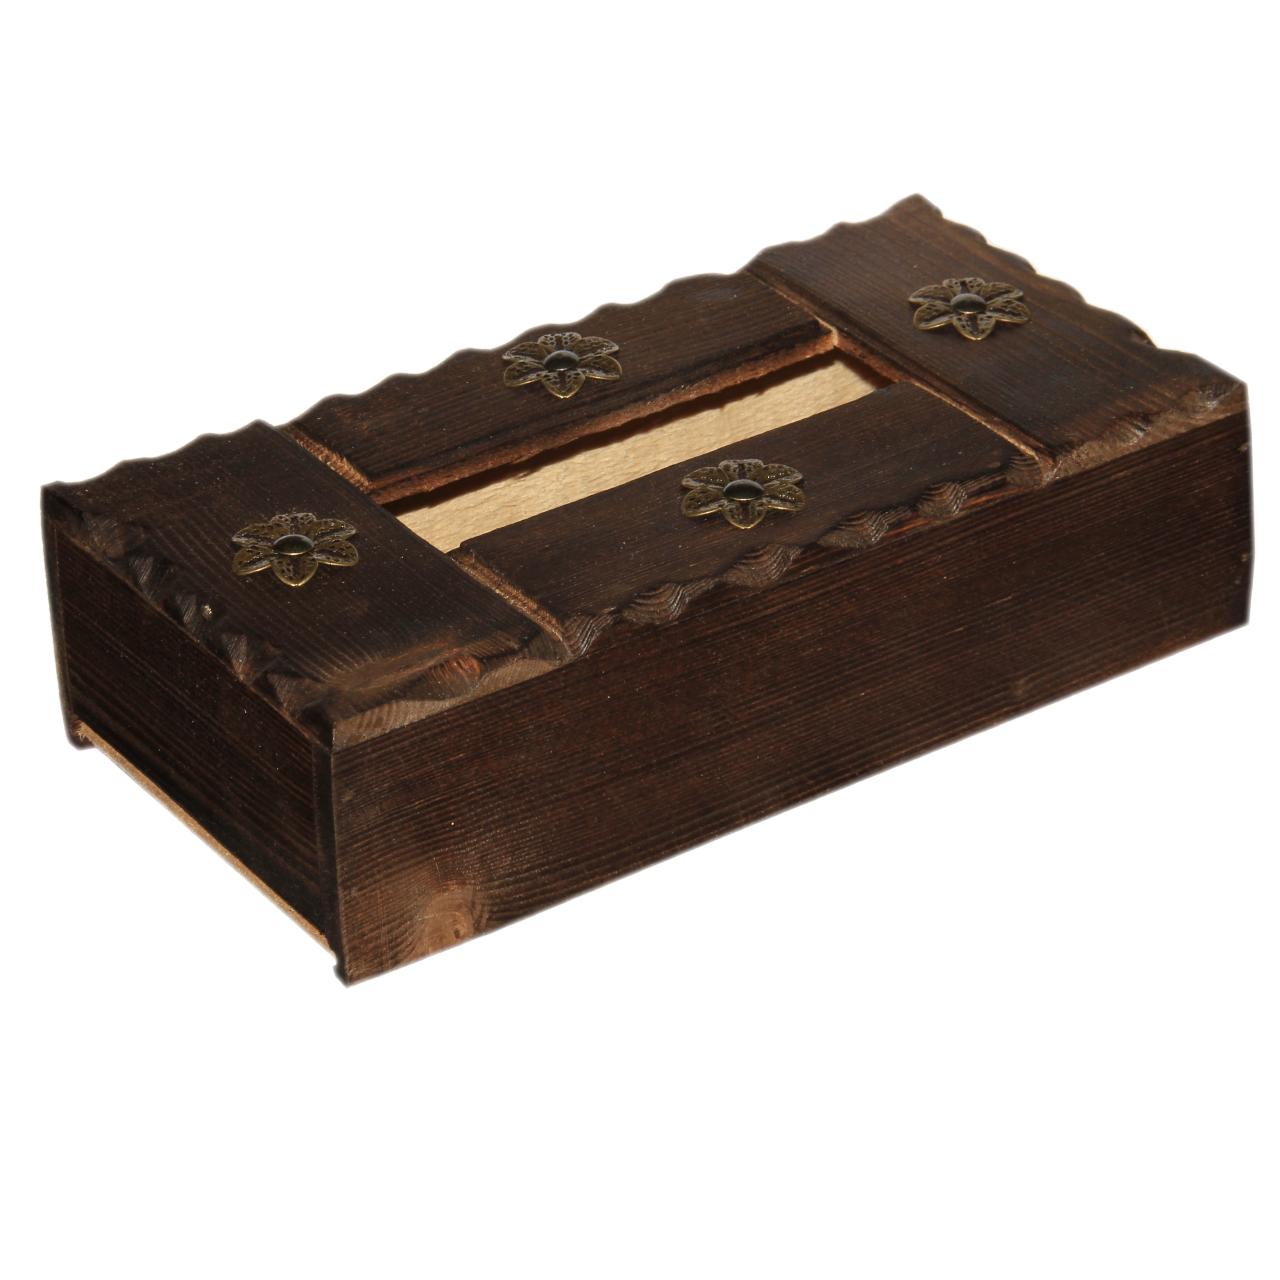 جعبه دستمال کاغذی مدل روستیک